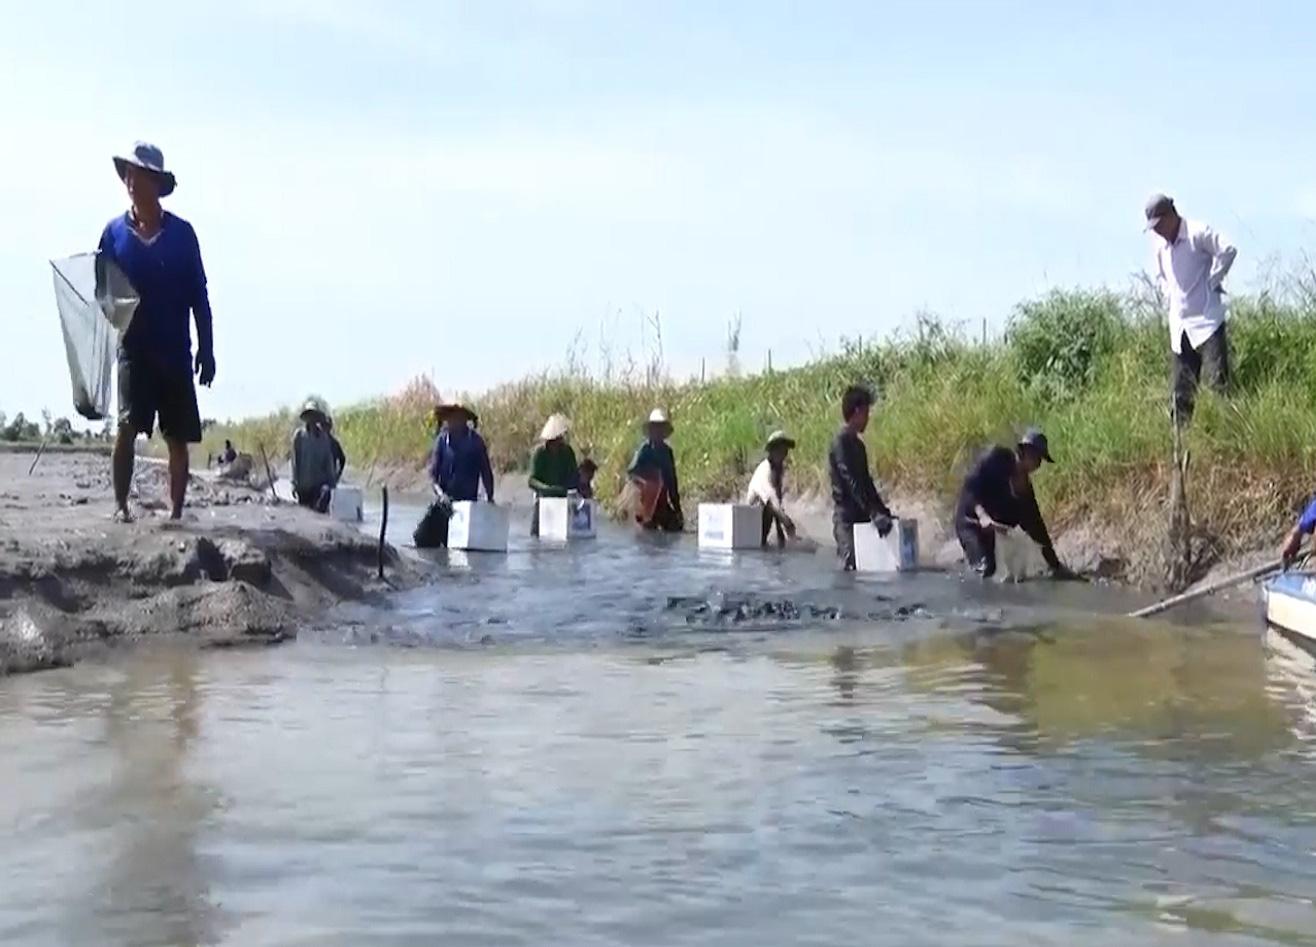 Trúng đậm vụ mùa tôm càng xanh, nông dân Kiên Giang phấn khởi vì biết áp dụng thay đổi vật nuôi - Ảnh 2.